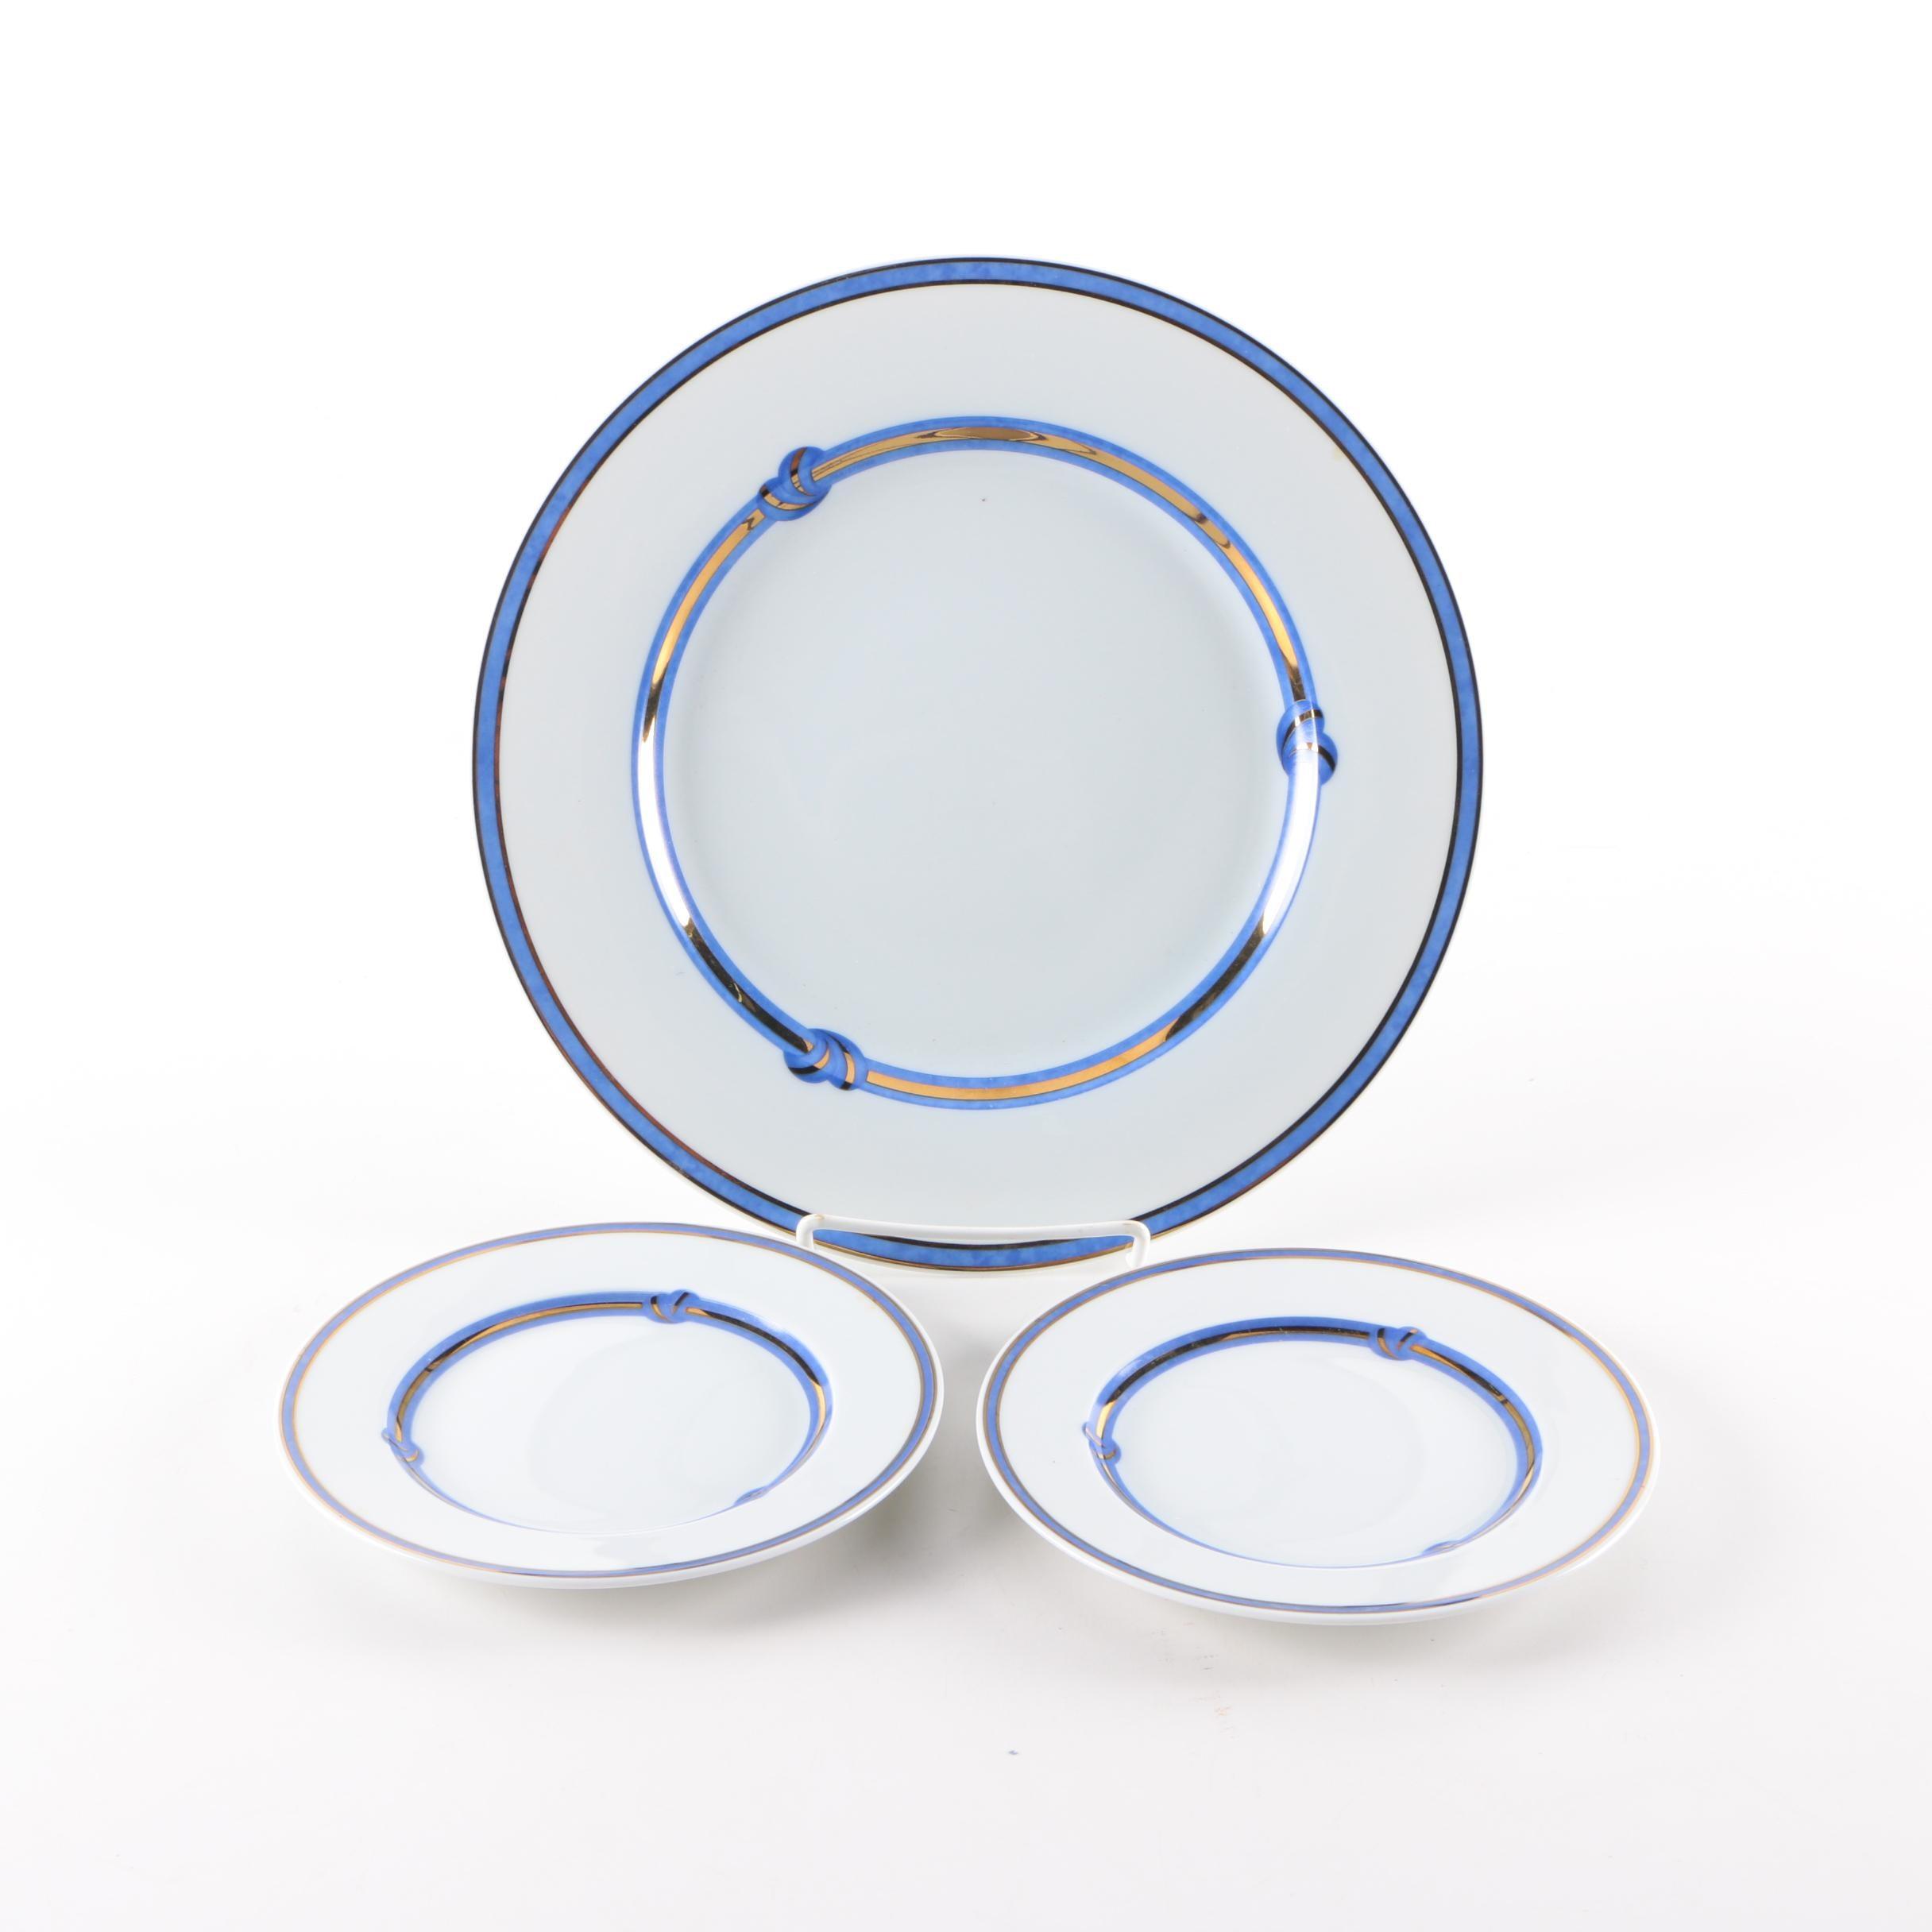 Christofle  Rubanea Bleu  Porcelain ...  sc 1 st  EBTH.com & Christofle